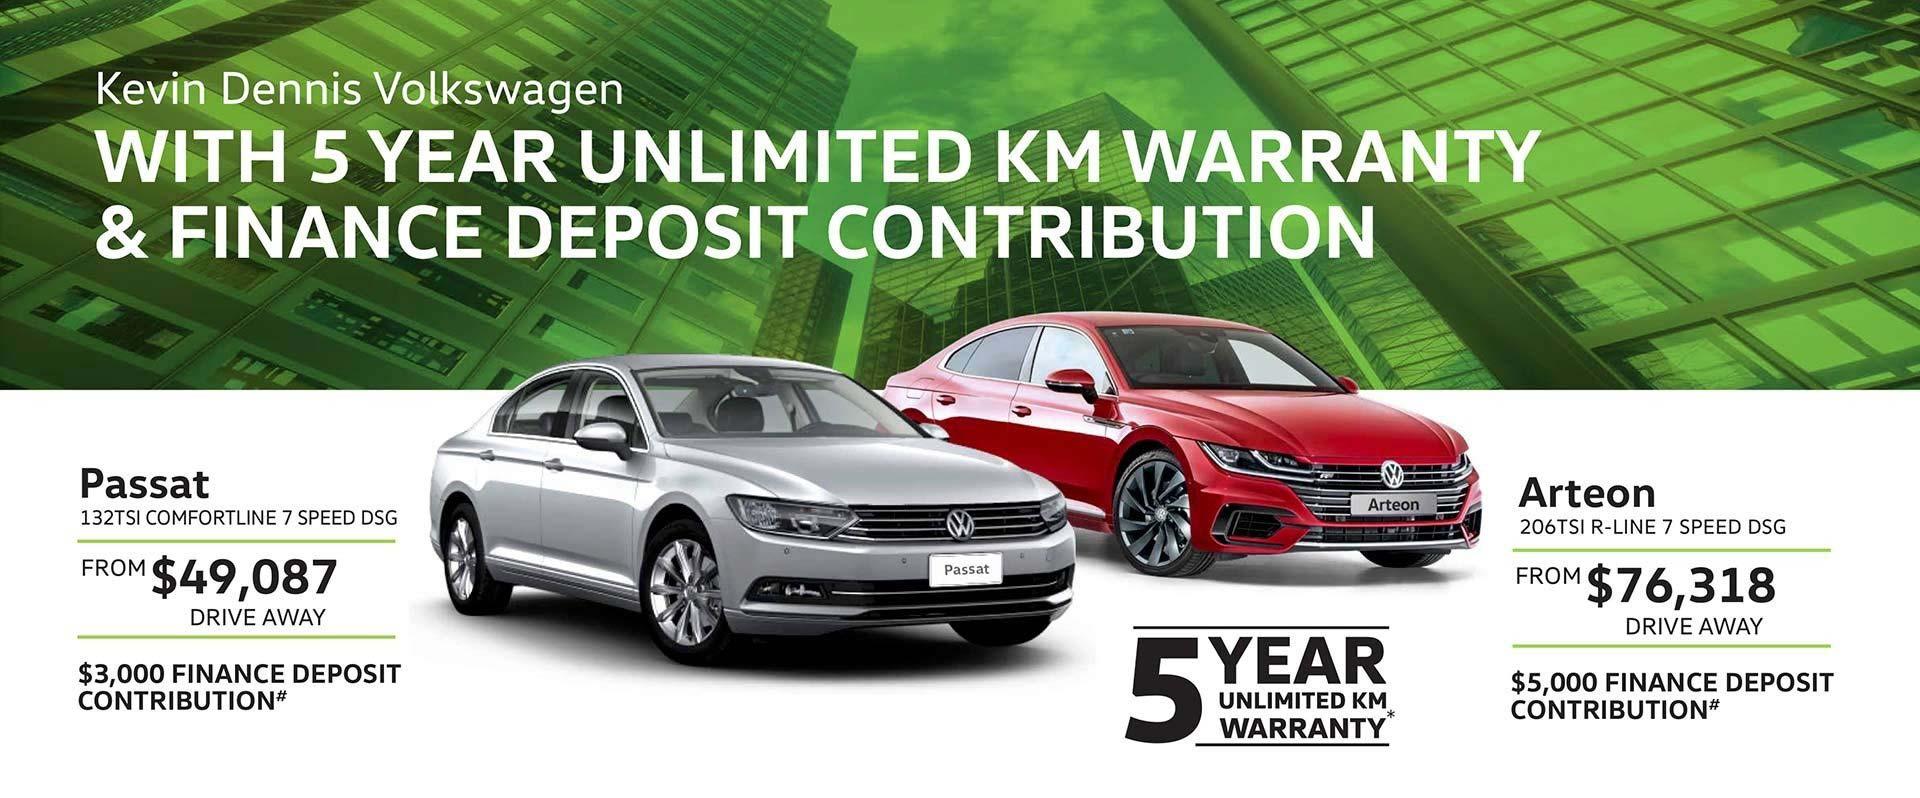 Passat 5 Year Unlimited KM Warranty